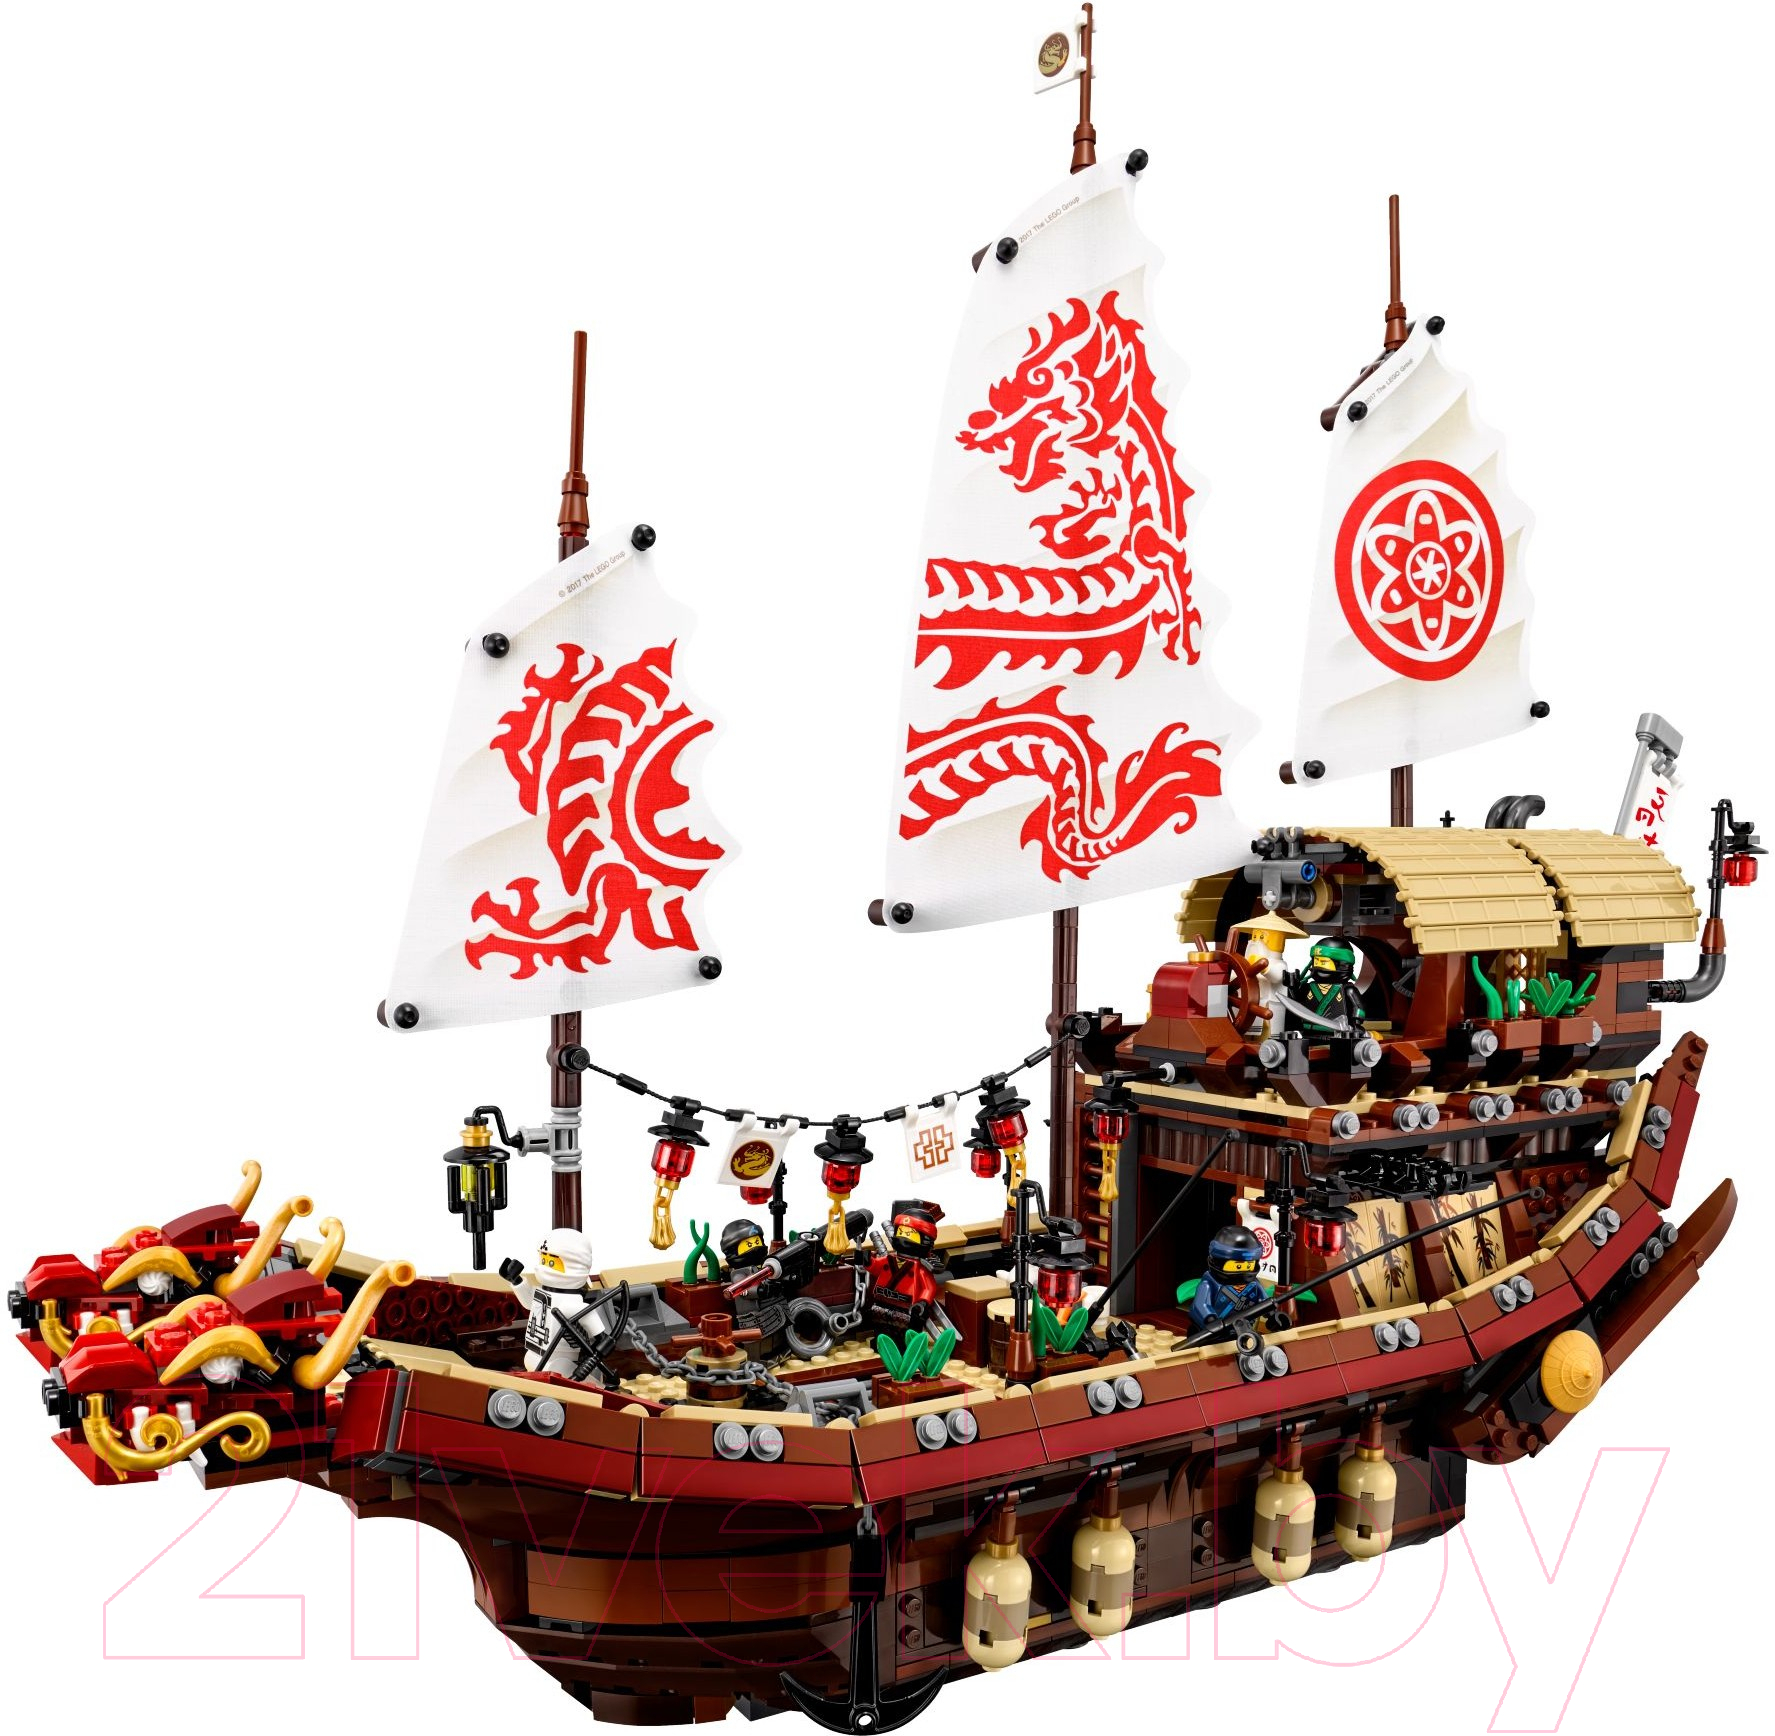 Купить Конструктор Lego, Ninjago Летающий корабль Мастера Ву 70618, Китай, пластик